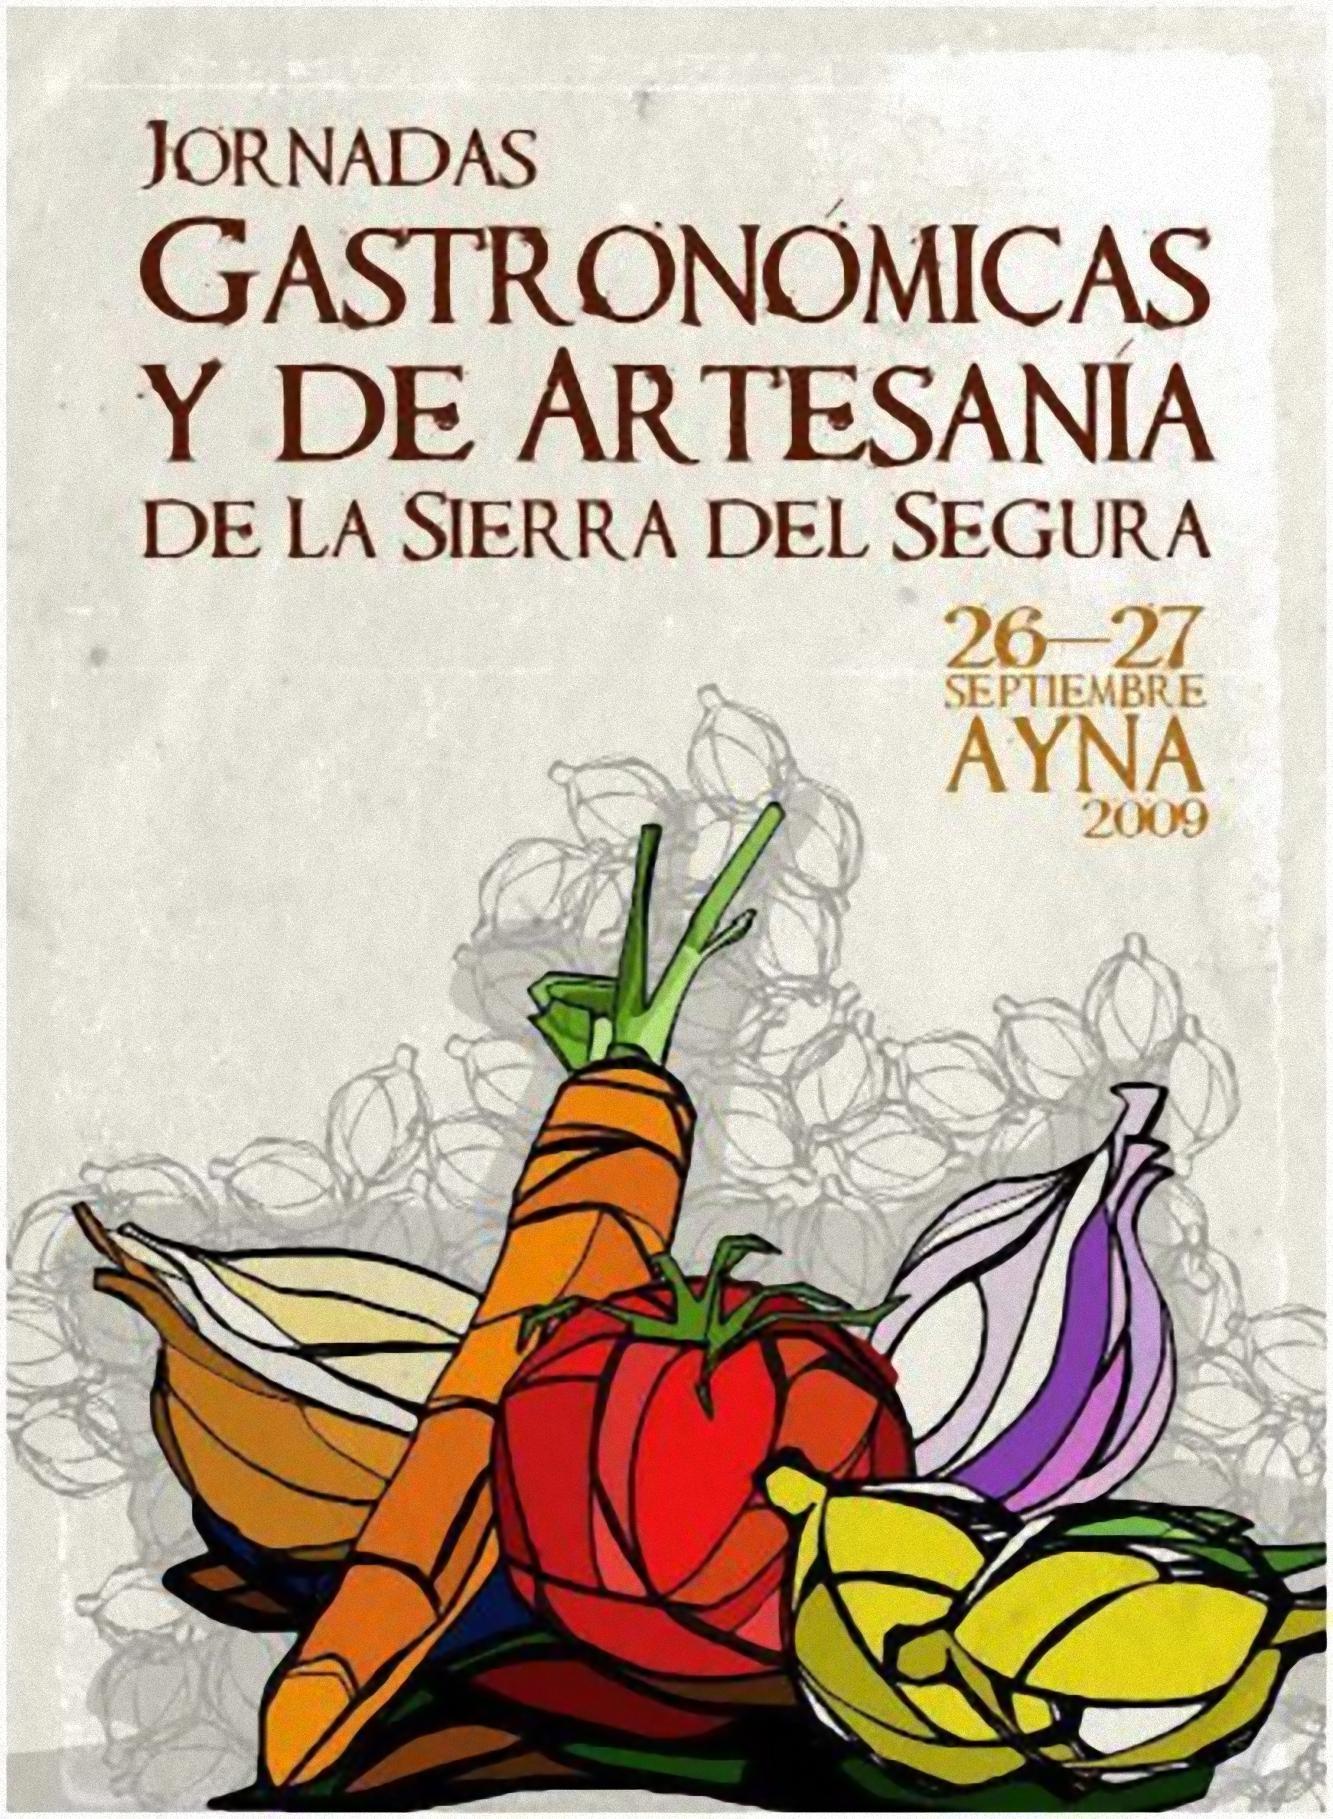 Jornadas Gastronómicas y de Artesanía de la Sierra del Segura 1